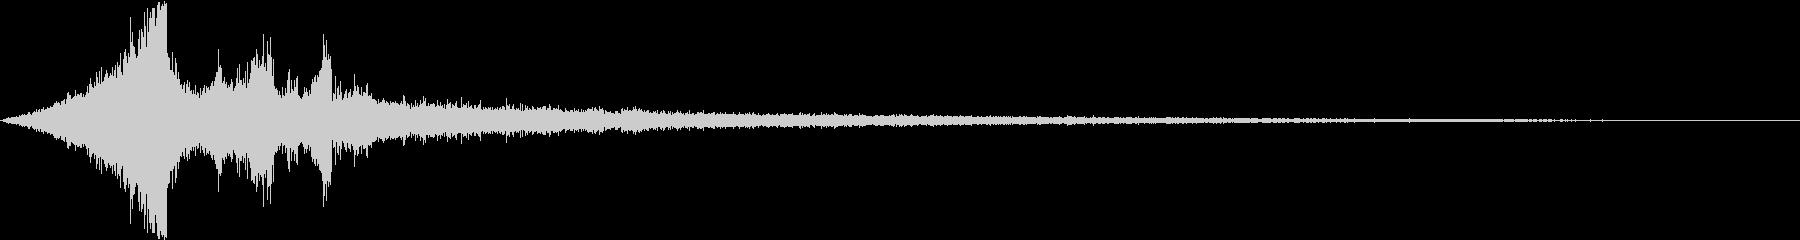 【シーン切替】ダークシネマサウンド_03の未再生の波形